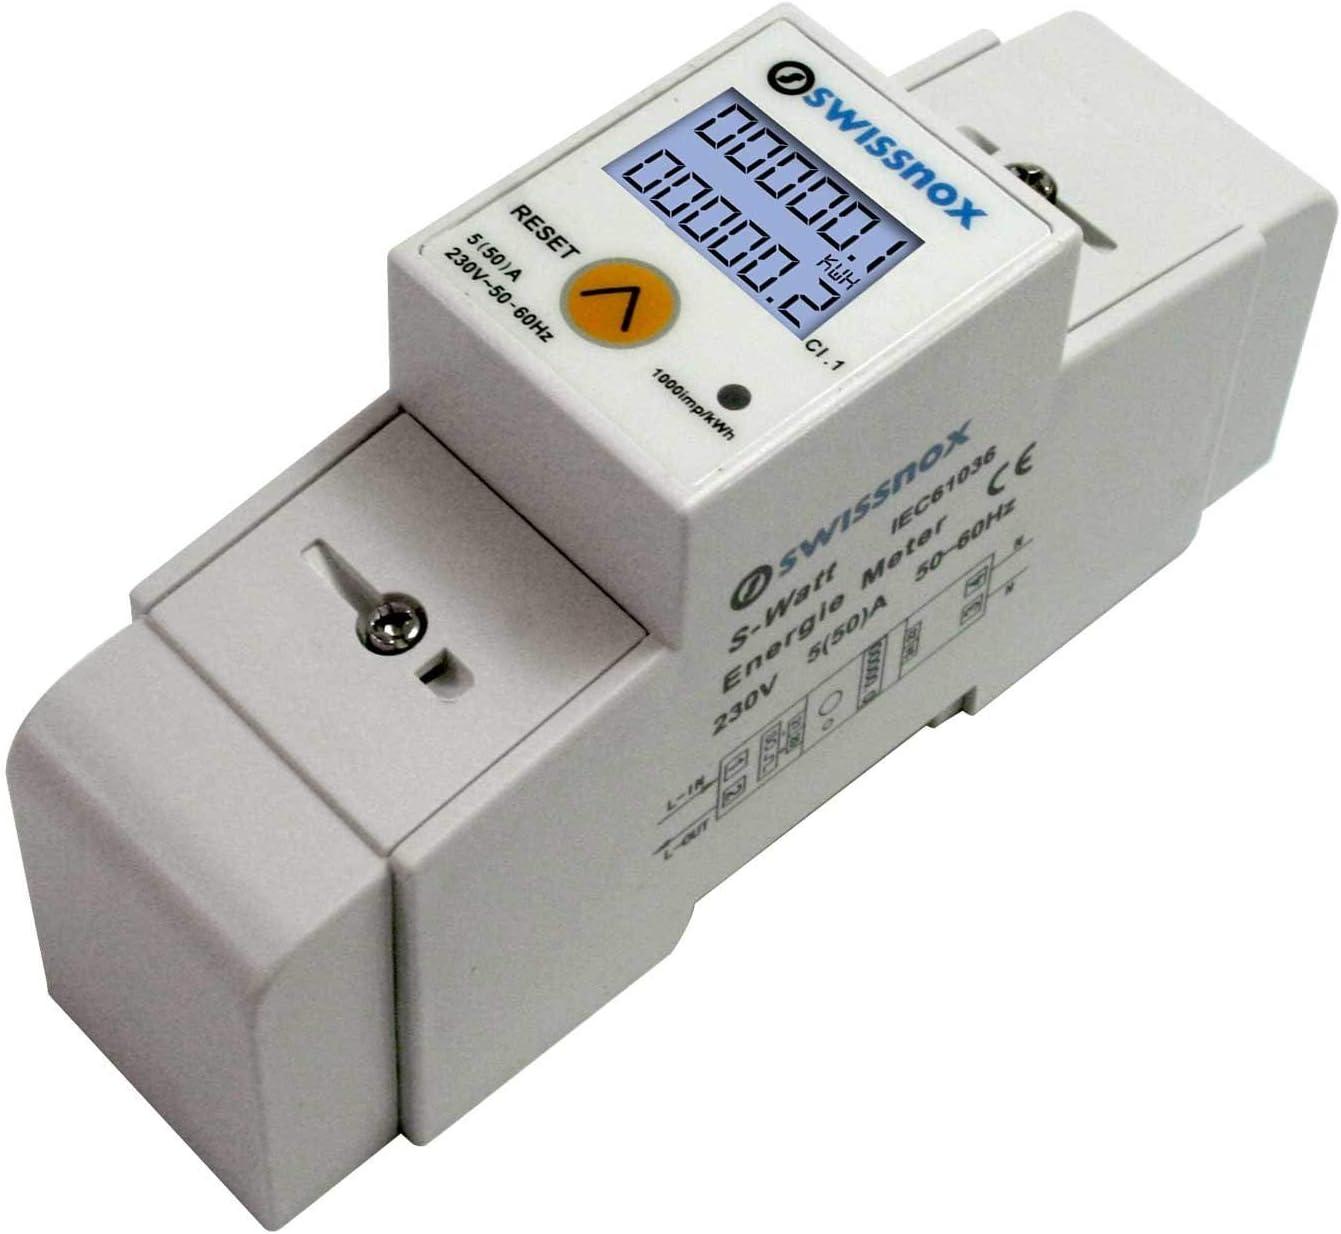 Swissnox SX-1MRP Wechselstromz/ähler Stromz/ähler f/ür DIN-Hutschiene Wattmeter verschiedene Wechselmodi S0 Schnittstelle 2000imp//kWh